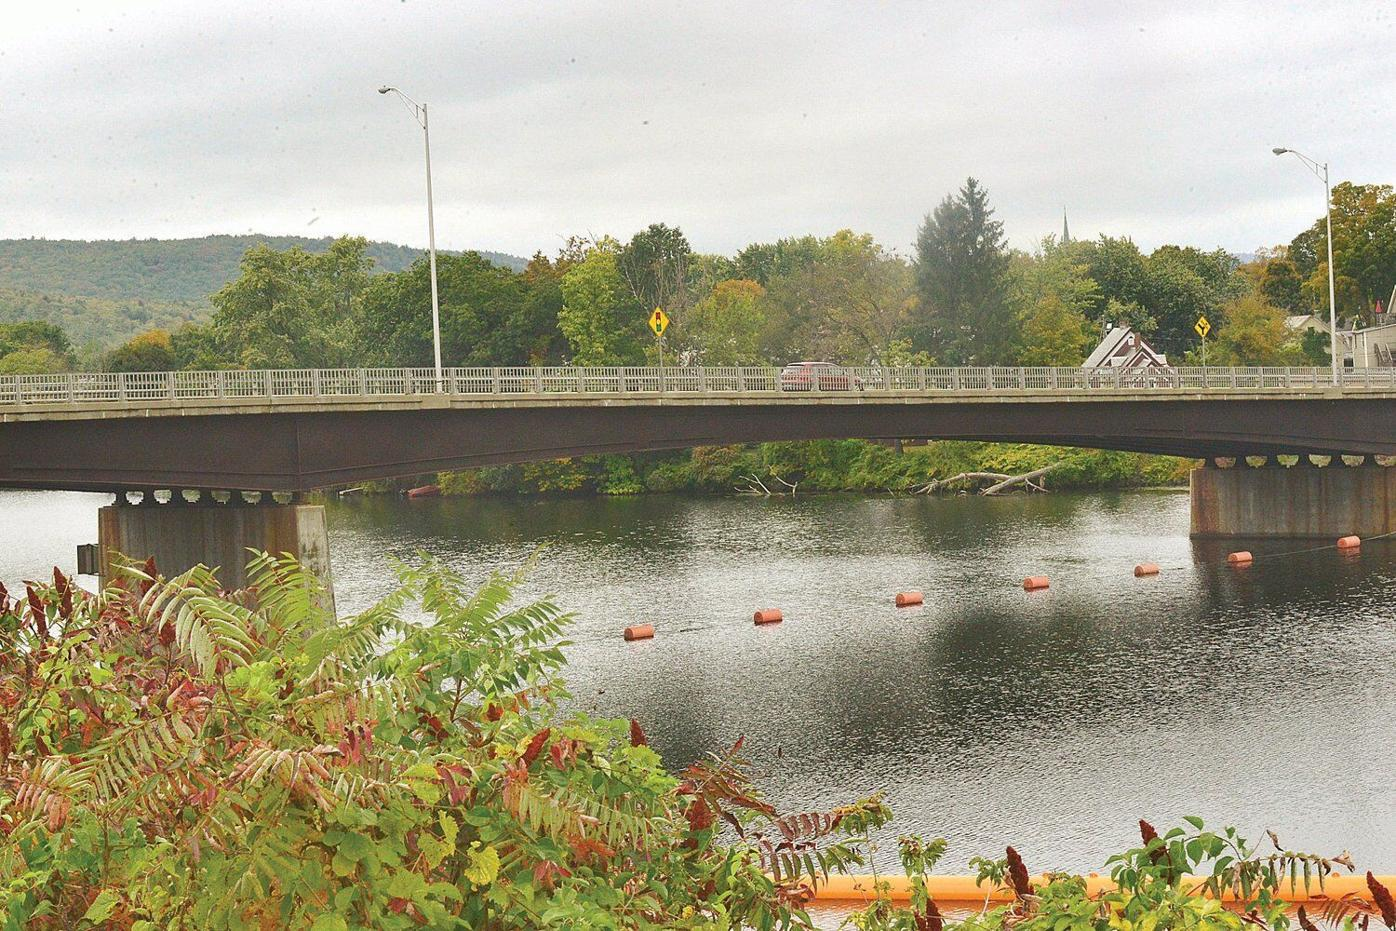 Arch Bridge project would require truck detour